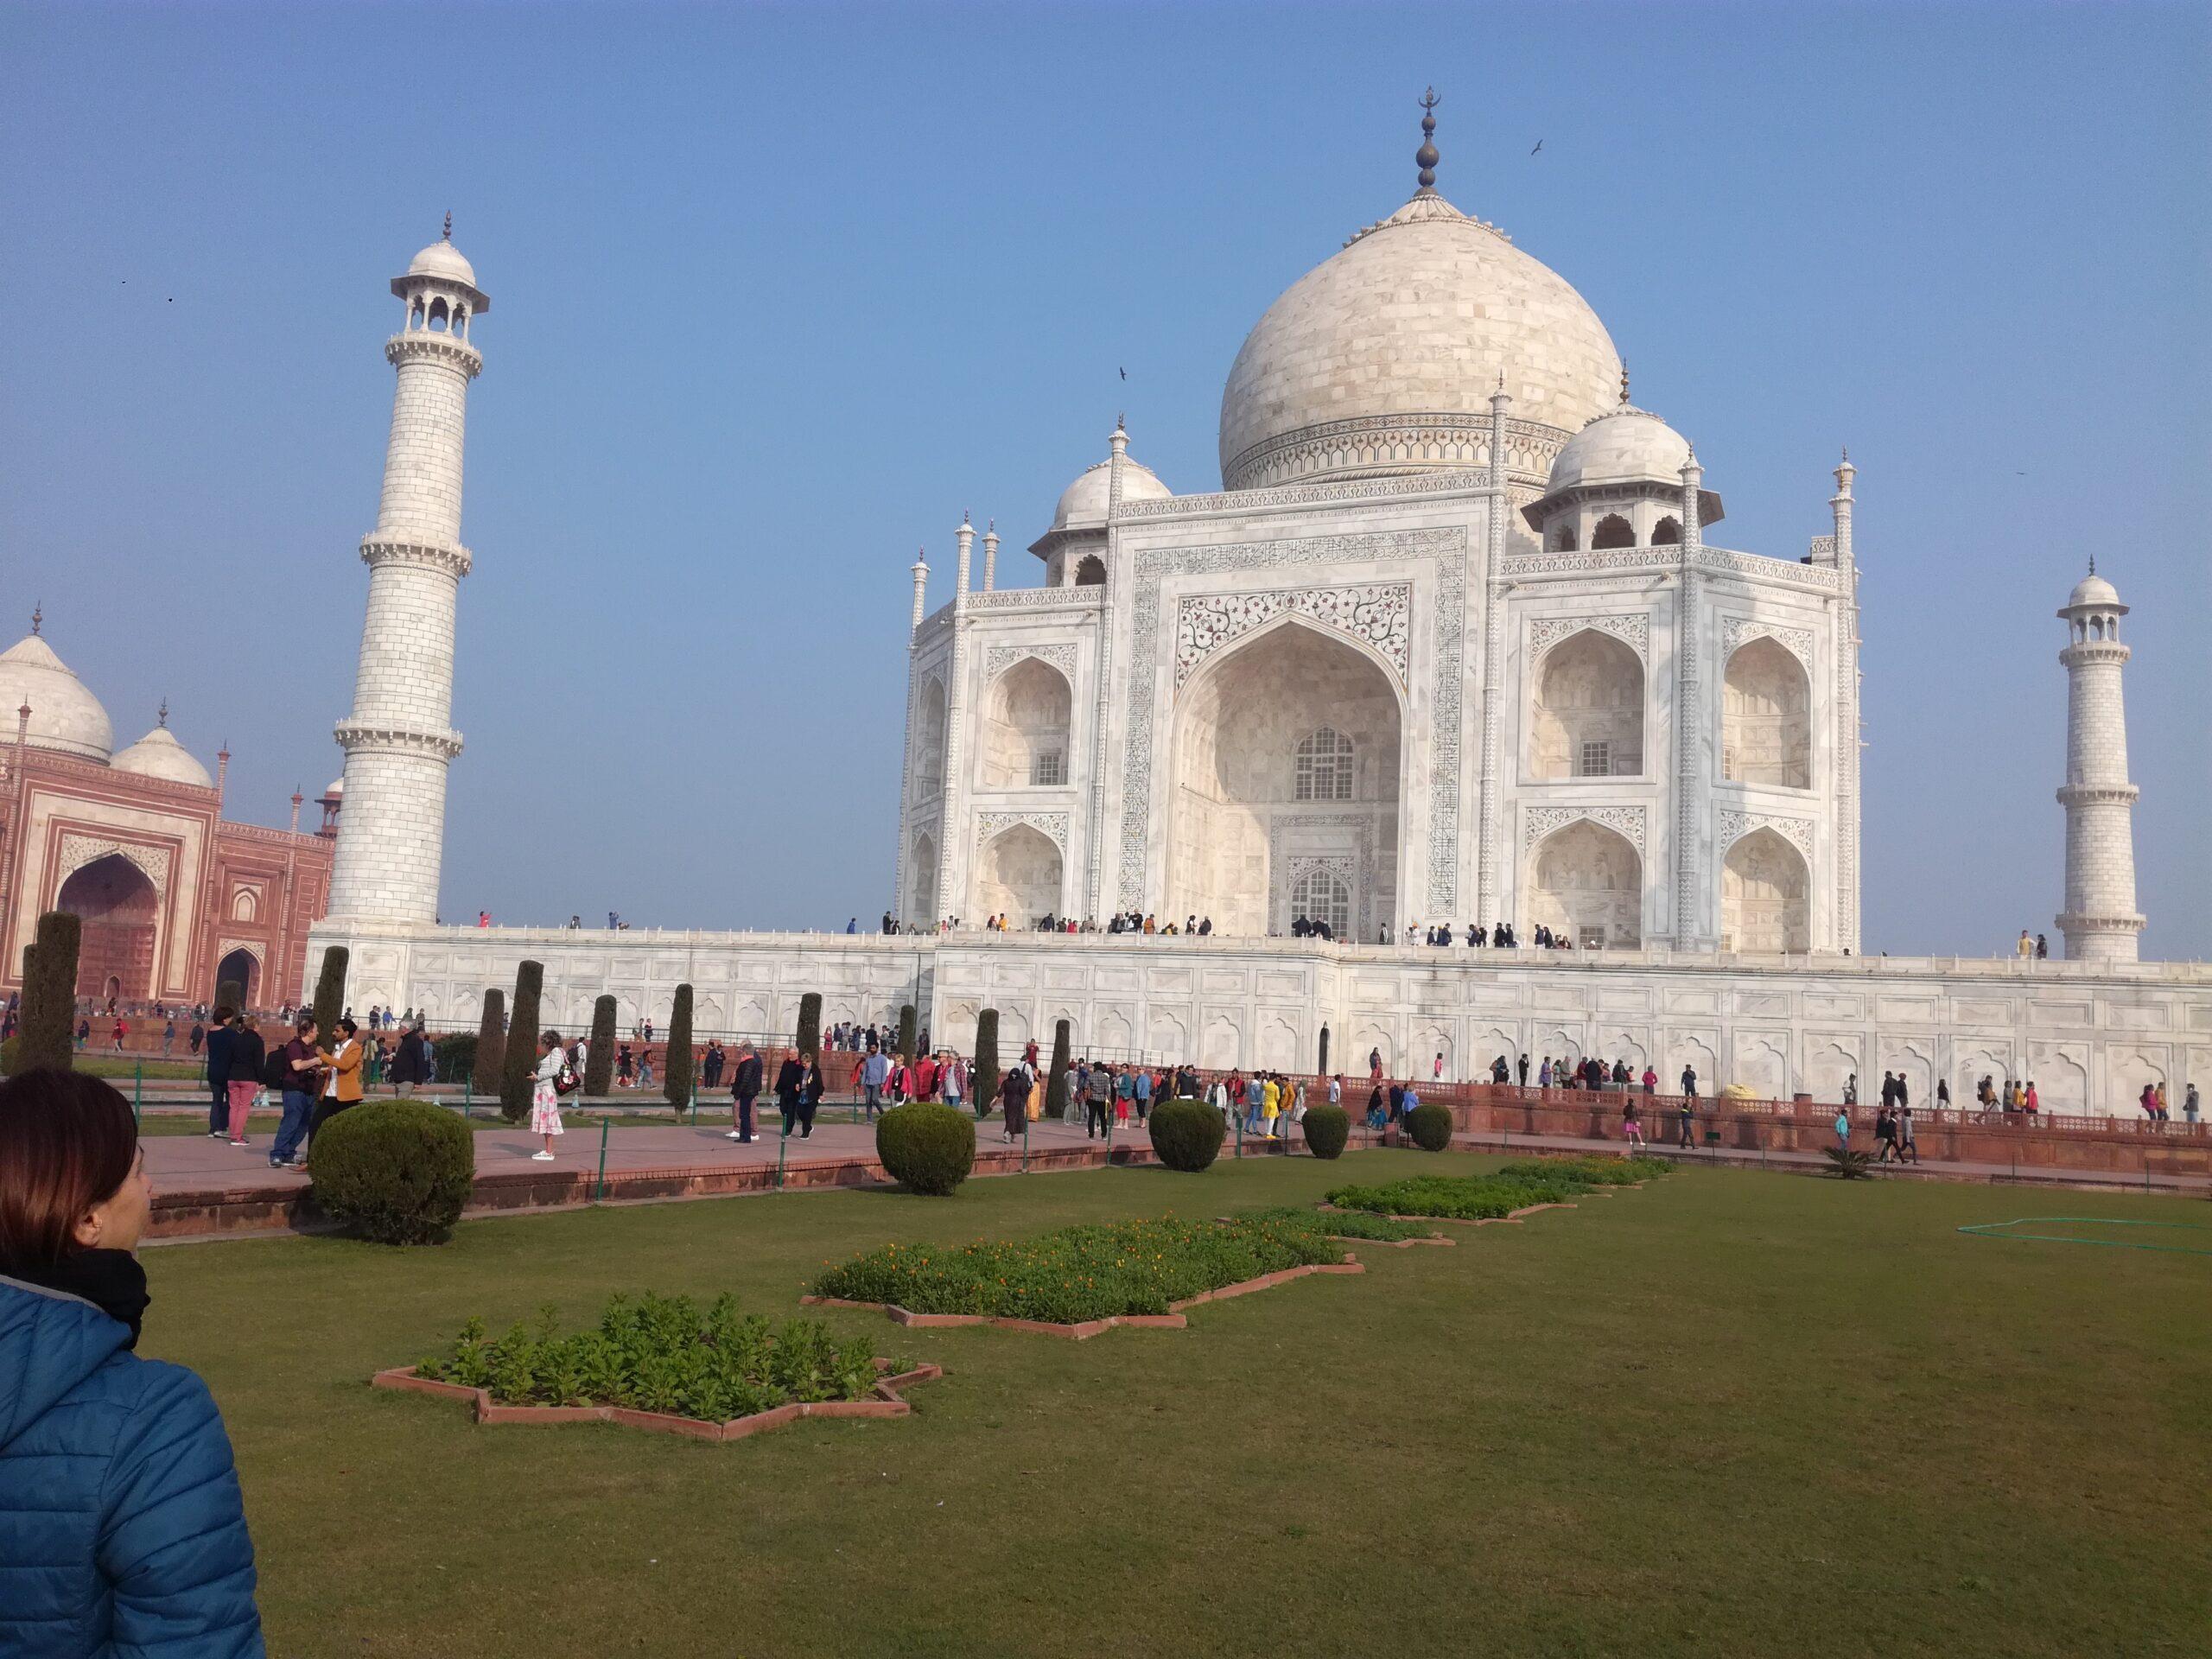 Ammirare il Taj Mahal